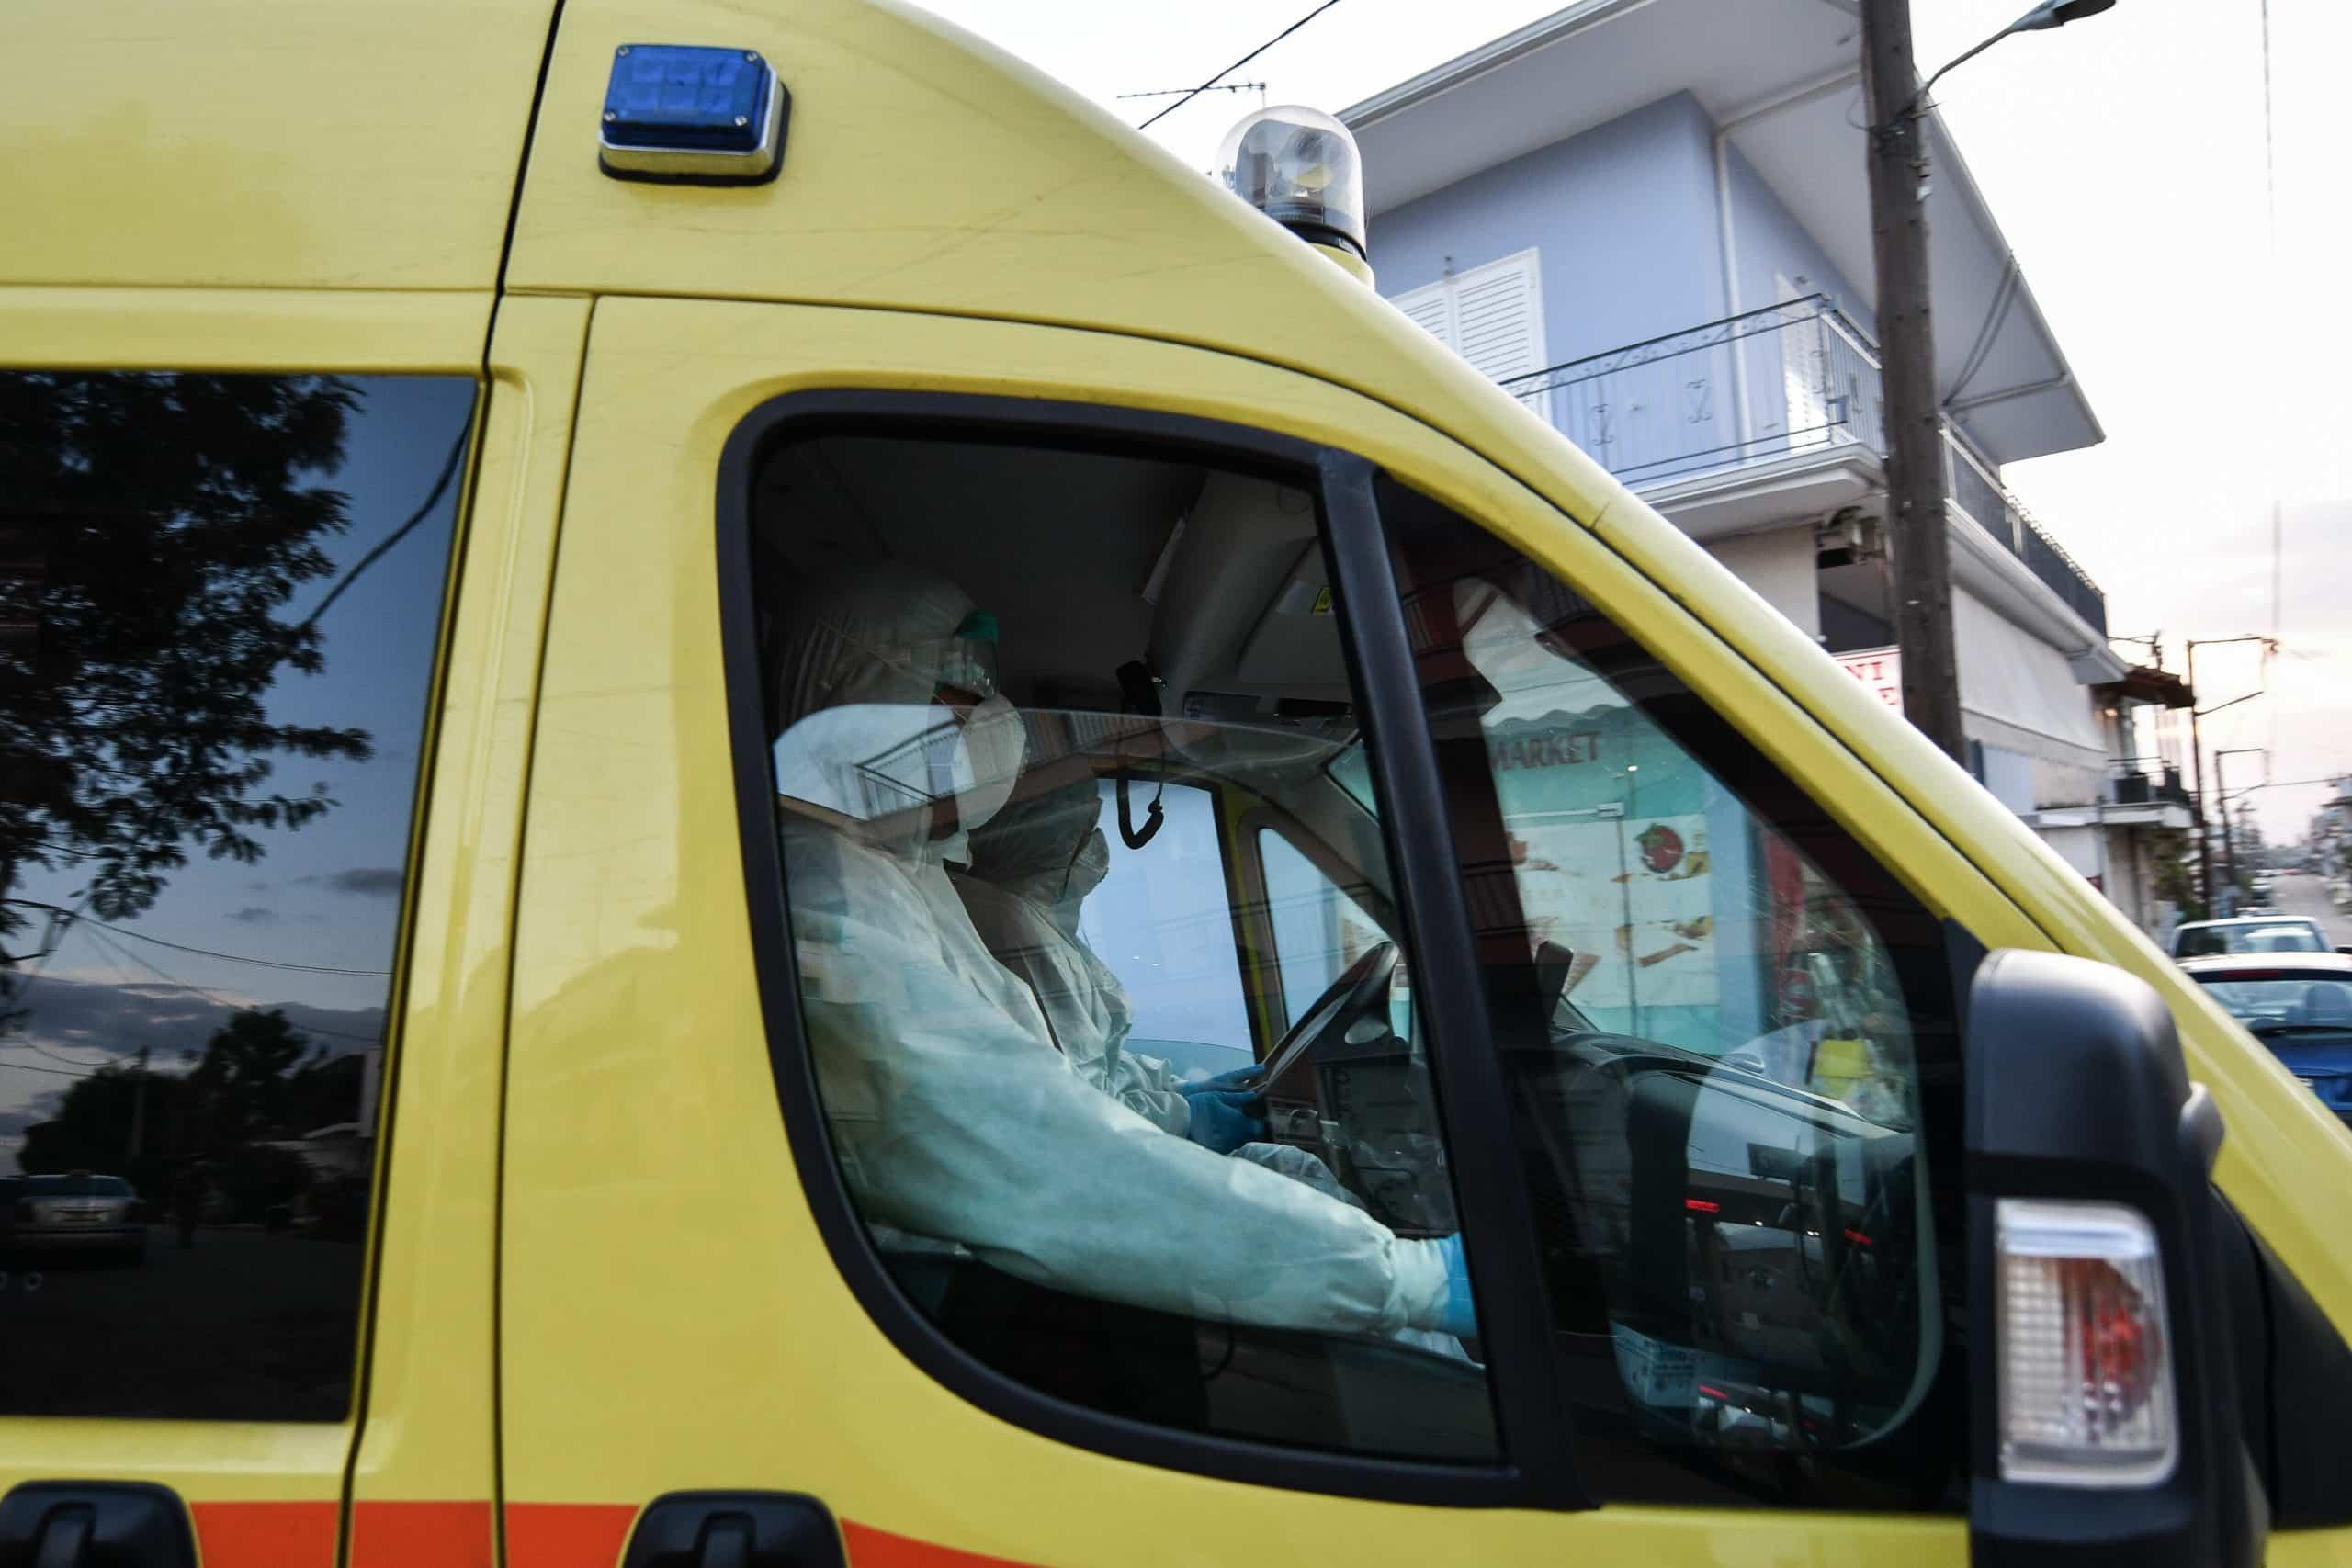 ΚΕΕΔ: Από τη Νέα Πέραμο ο στρατιώτης με κορονοϊό στο ΚΕΠΒ Κορονοϊός 3 νεκροί σήμερα στην Ελλάδα Κορονοϊός Ιωάννινα: ΣΥΝΑΓΕΡΜΟΣ Θετική στον ιό γιατρός